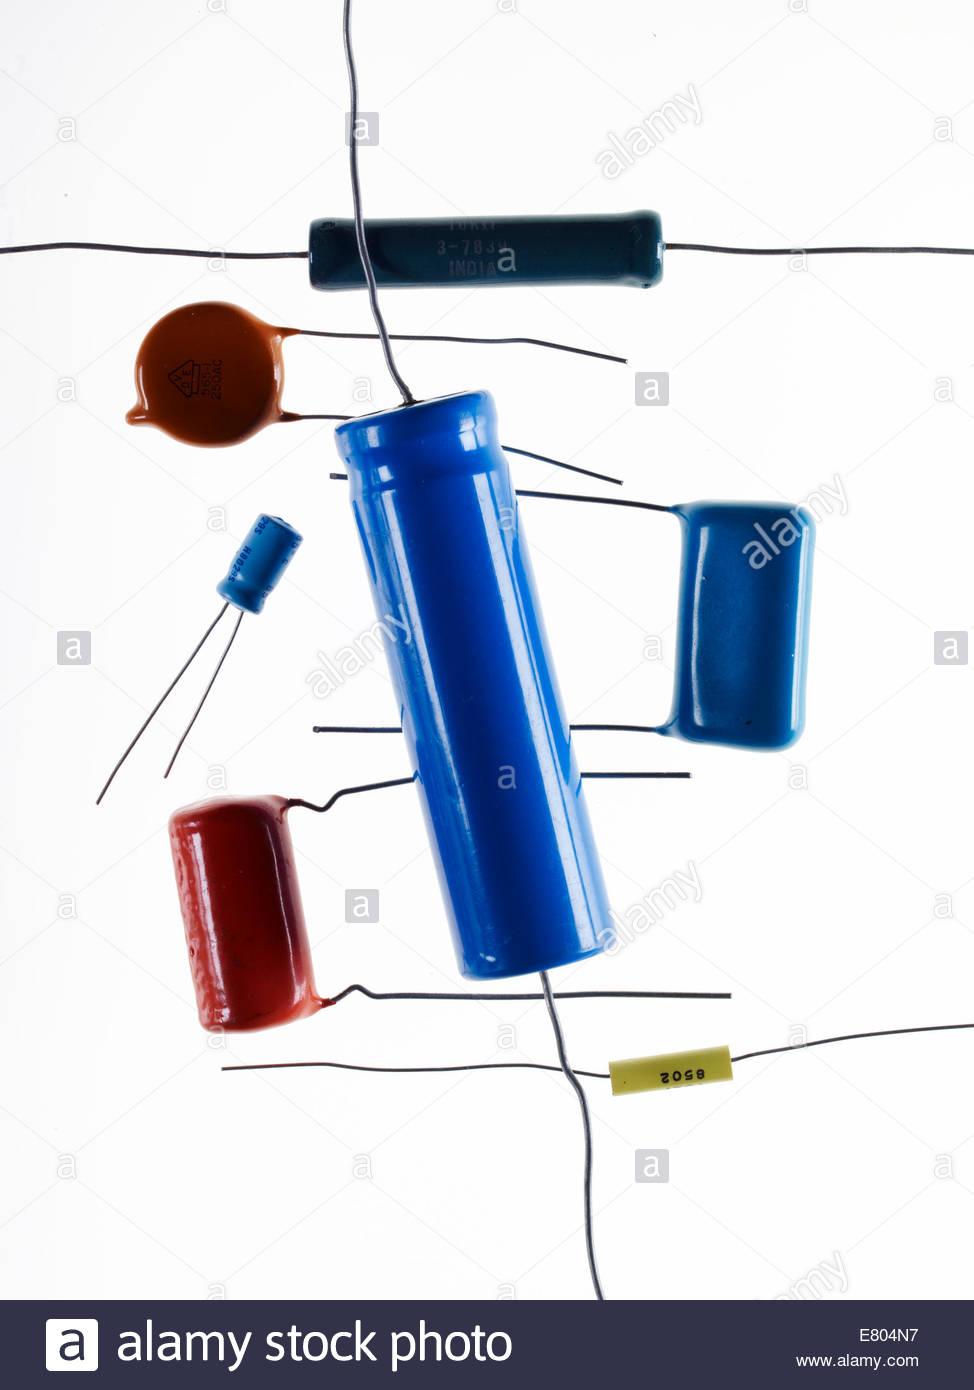 Componentes electrónicos viejos, viejos transistores aislado sobre fondo blanco. Imagen De Stock